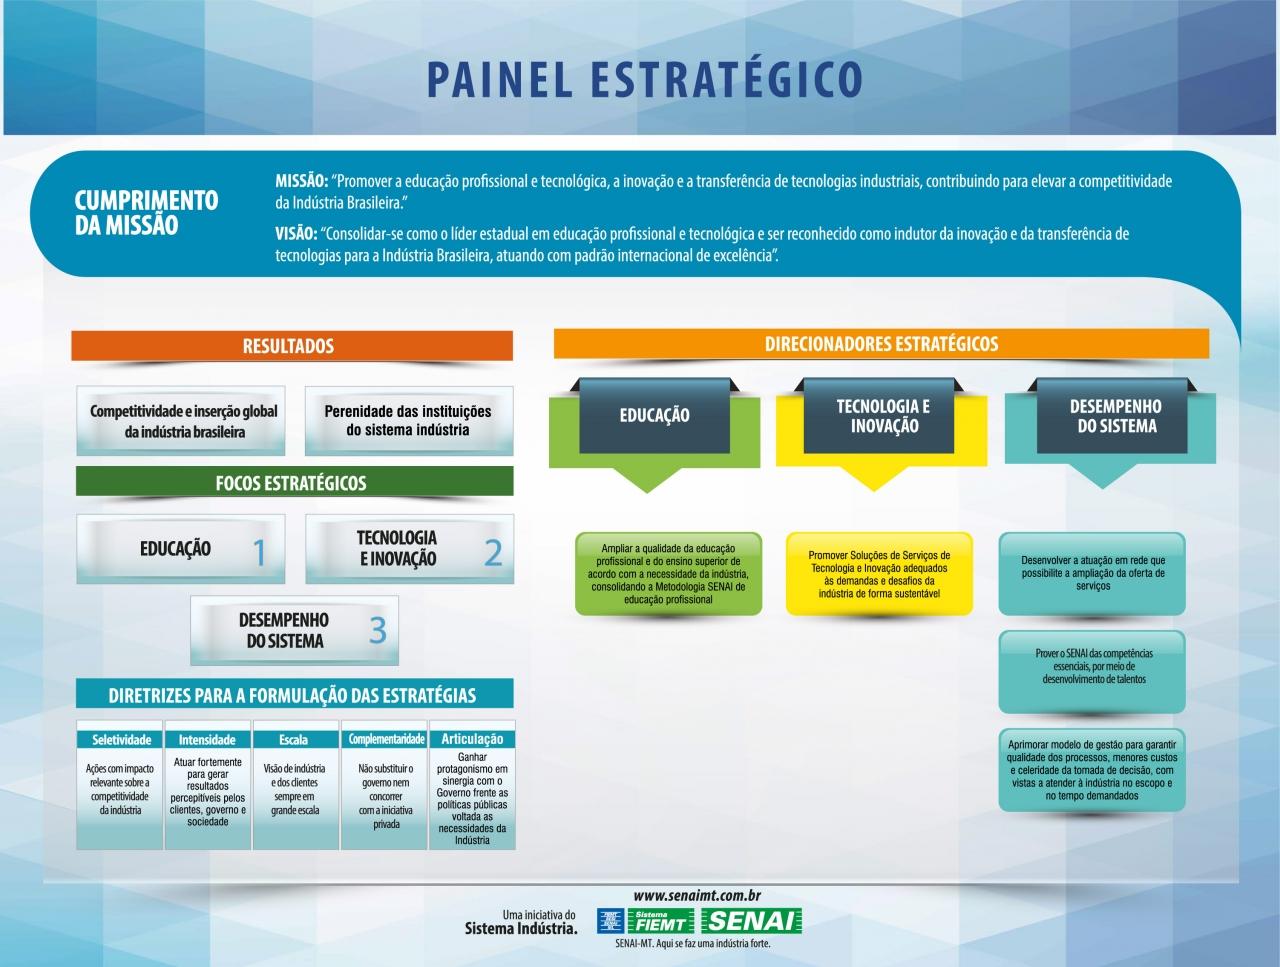 Painel Estratégico SENAI 2015/2022 (clique para ampliar)